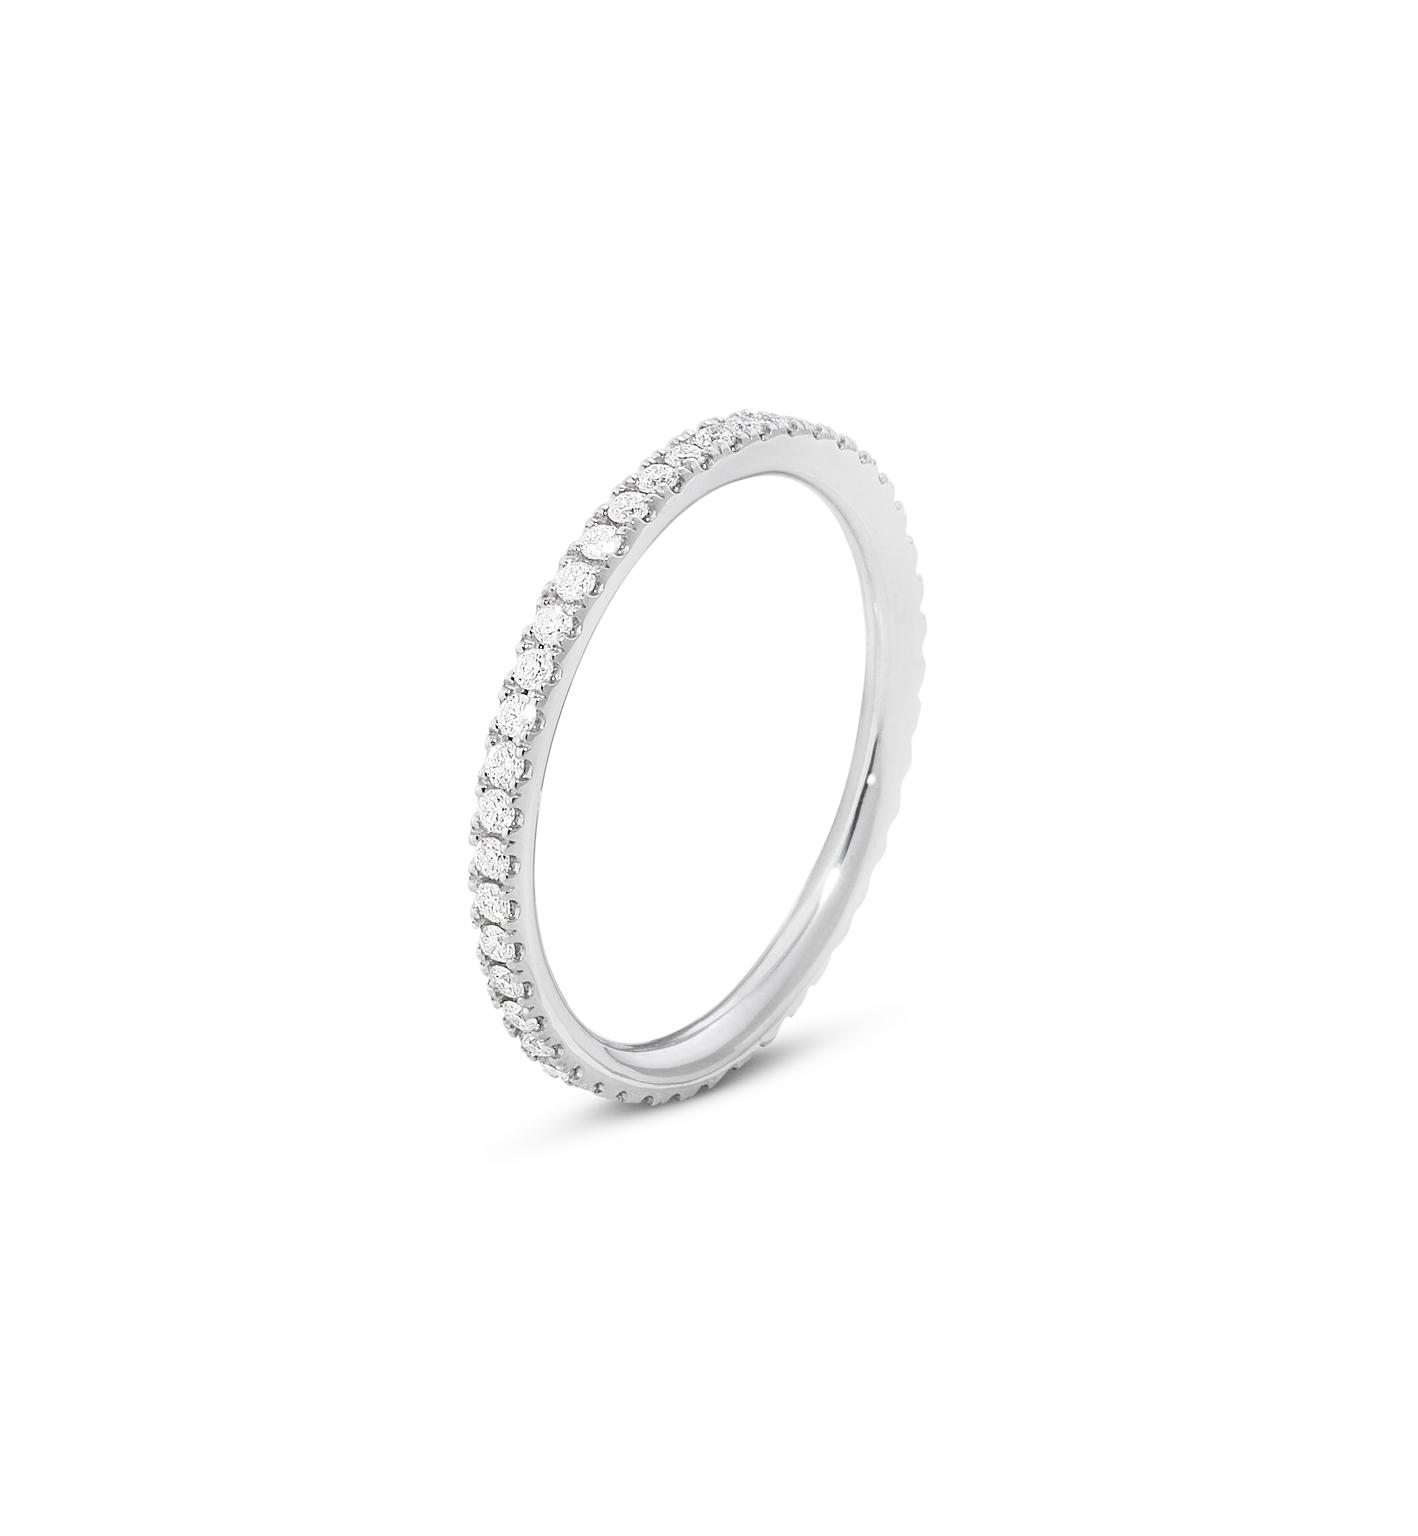 Georg Jensen AURORA ring - 3572740 18 kt / 0.26 ct 55